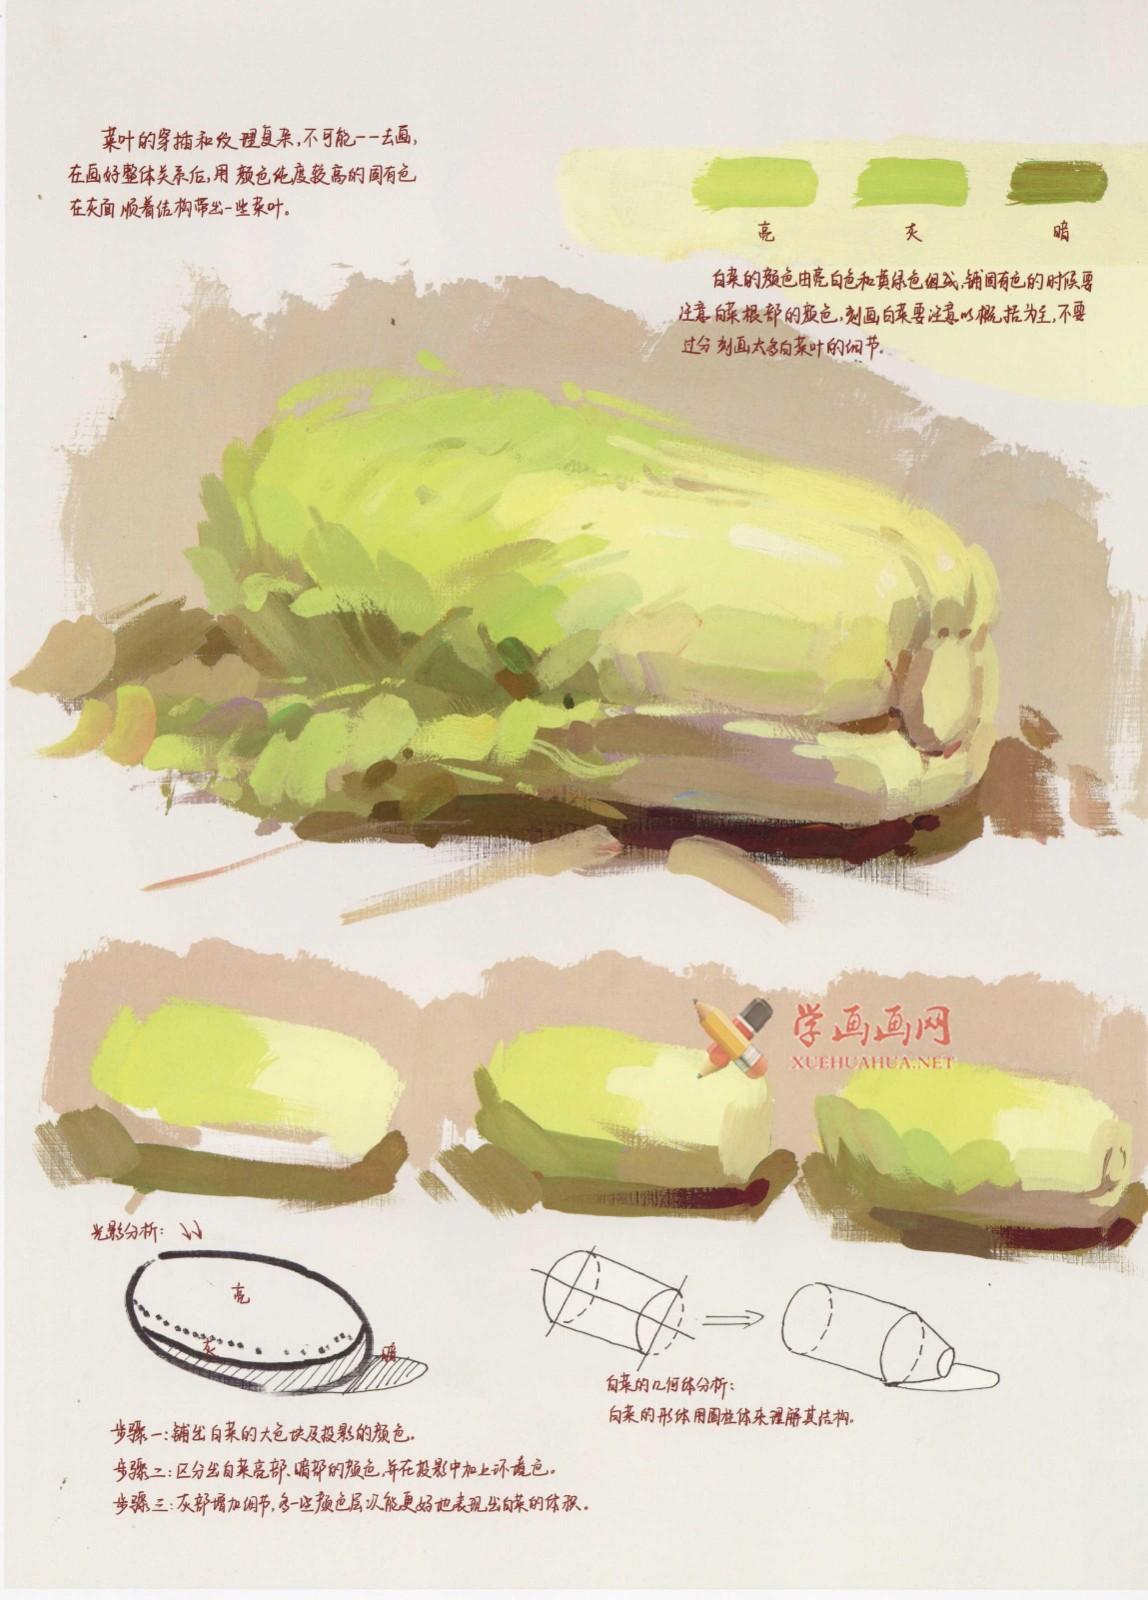 怎么画大白菜?水粉画单体入门教程:大白菜的画法图解及高清范画临摹图片素材(2)